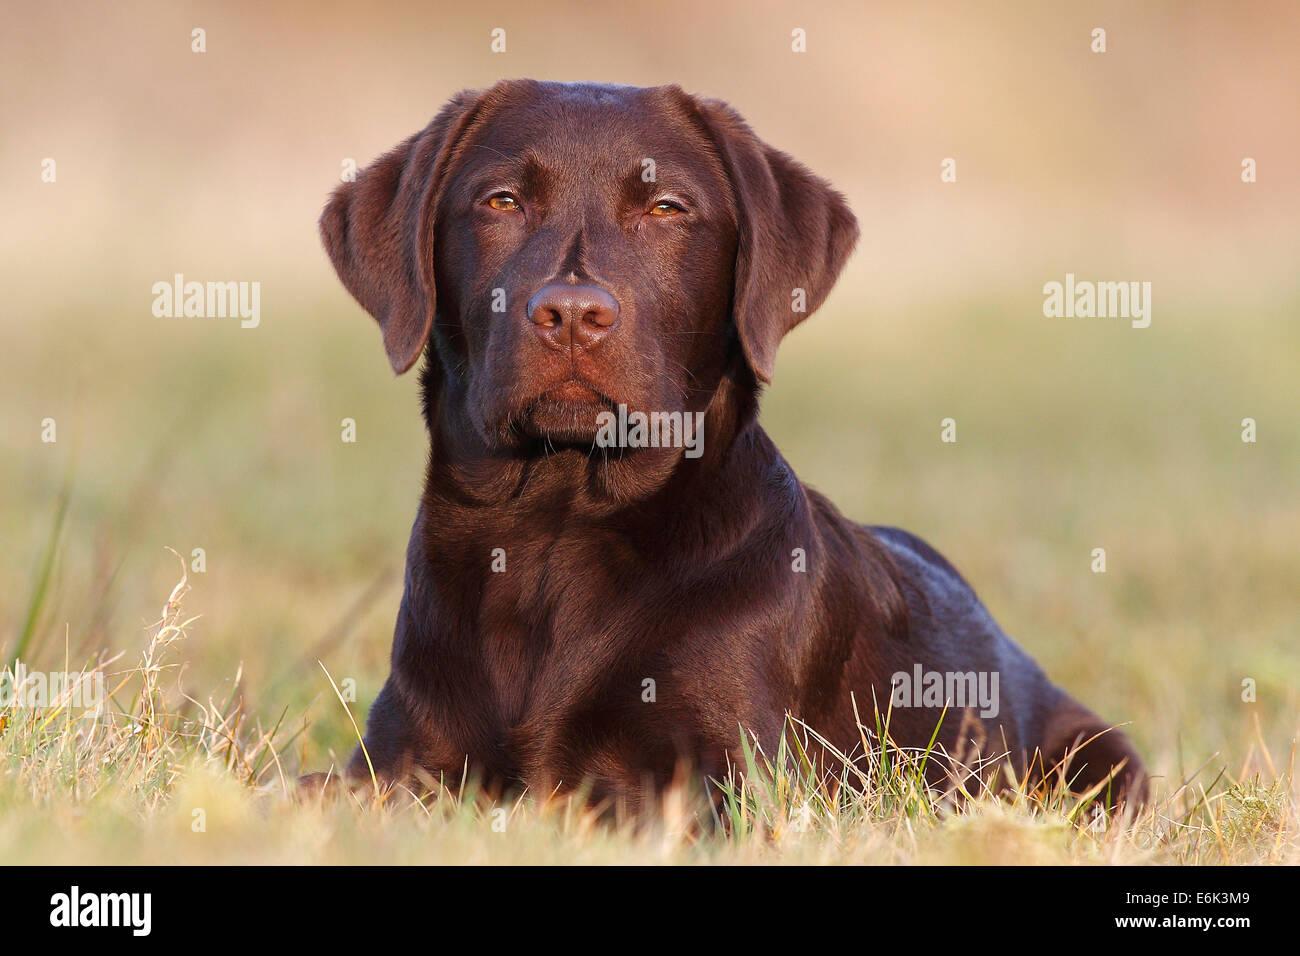 Chocolate Labrador In Grass Stock Photos & Chocolate Labrador In ...